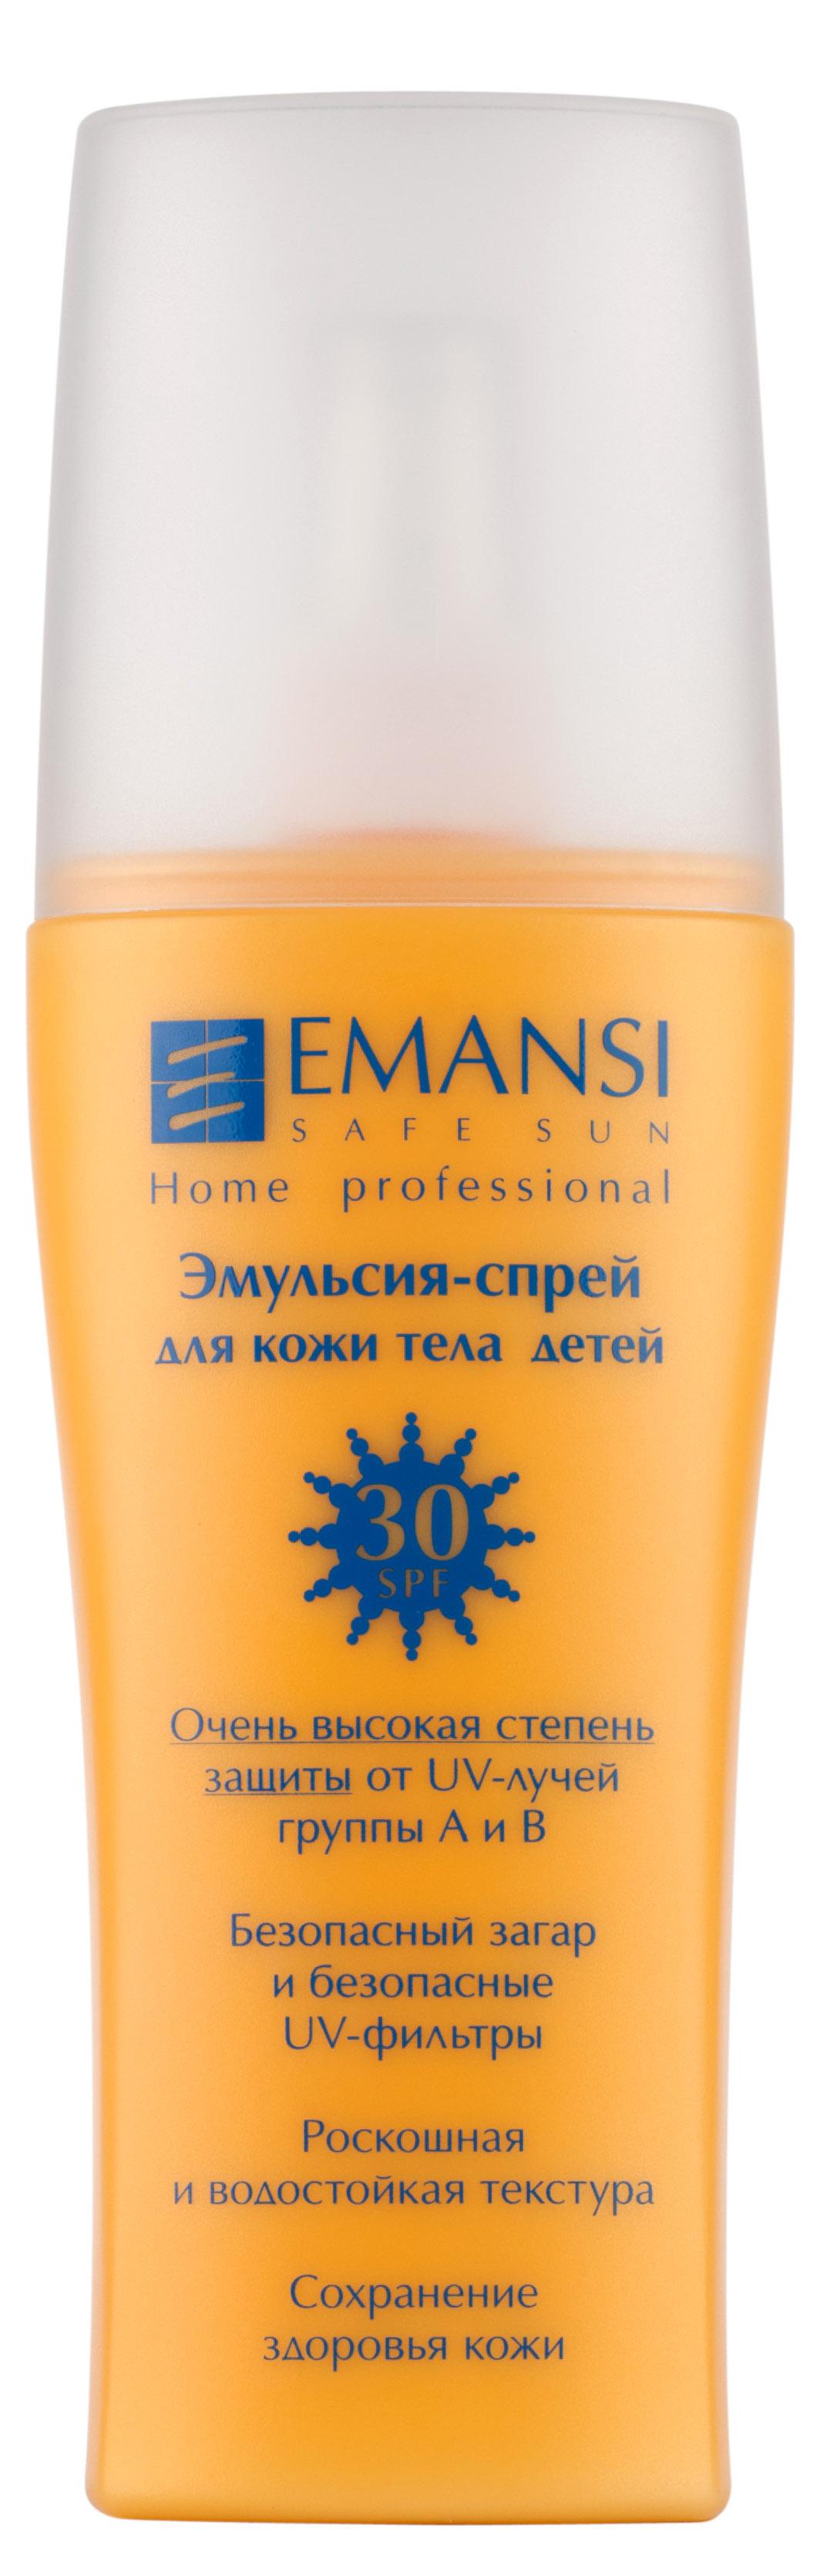 Emansi Эмульсия для тела детская Safe sun, спрей, SPF 30, 150 мл3281- Очень высокая степень защиты от UV-лучей группы А и В- Безопасный загар и безопасные UV-фильтры- Роскошная и водостойкая текстура- Сохраняет здоровье кожи- Защищает от ультрафиолетовых лучей группы А и В благодаря безопасным UV-фильтрам- Устойчива к действию воды и пота - Подходит для любой, в том числе и чувствительной кожи